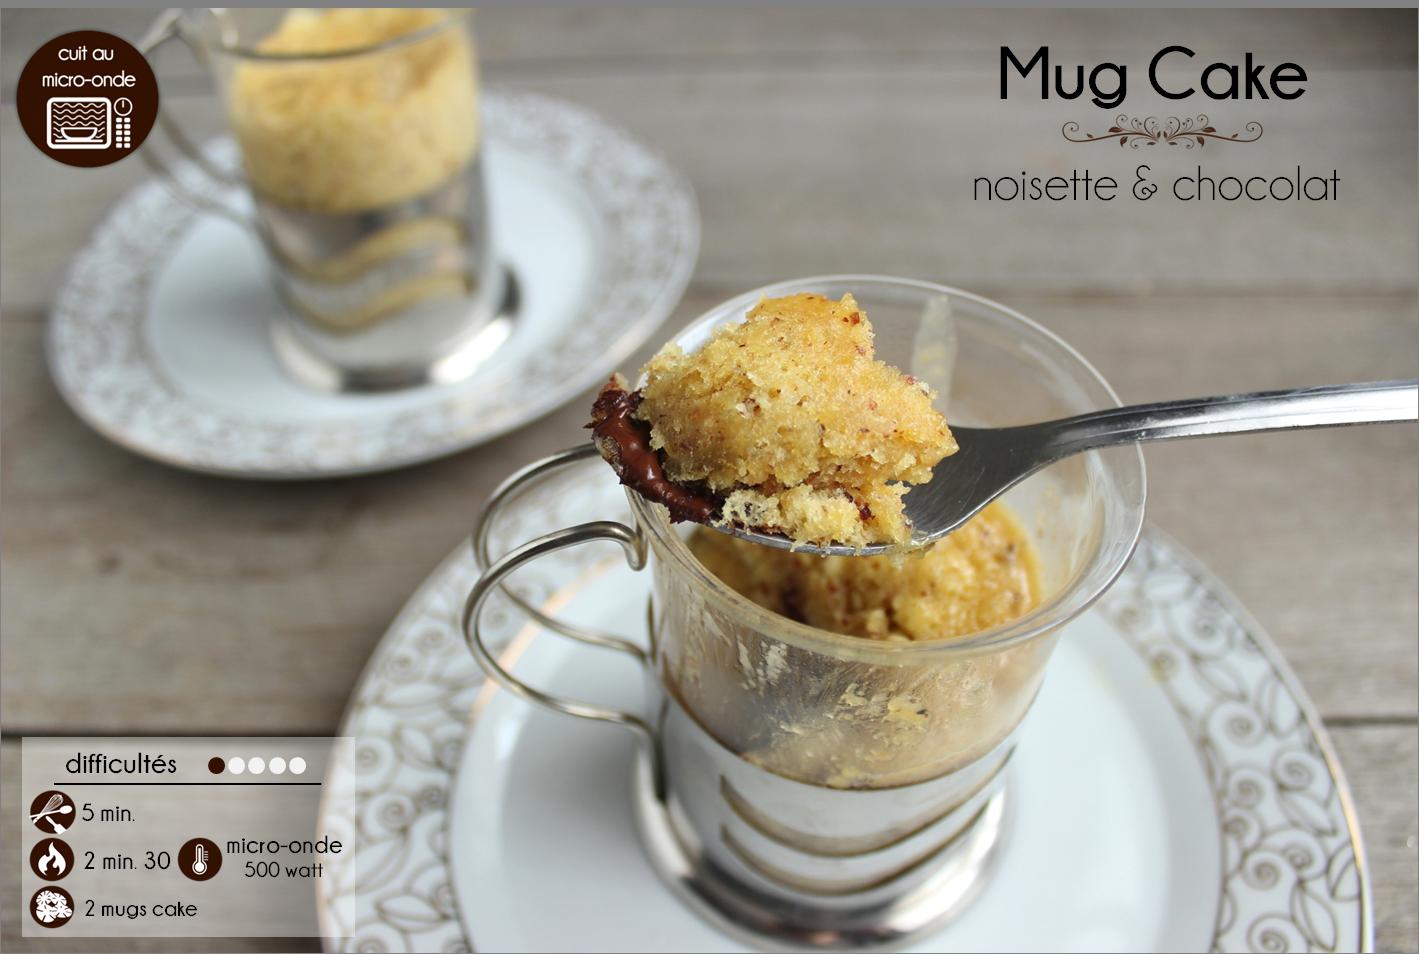 mug cake noisette chocolat